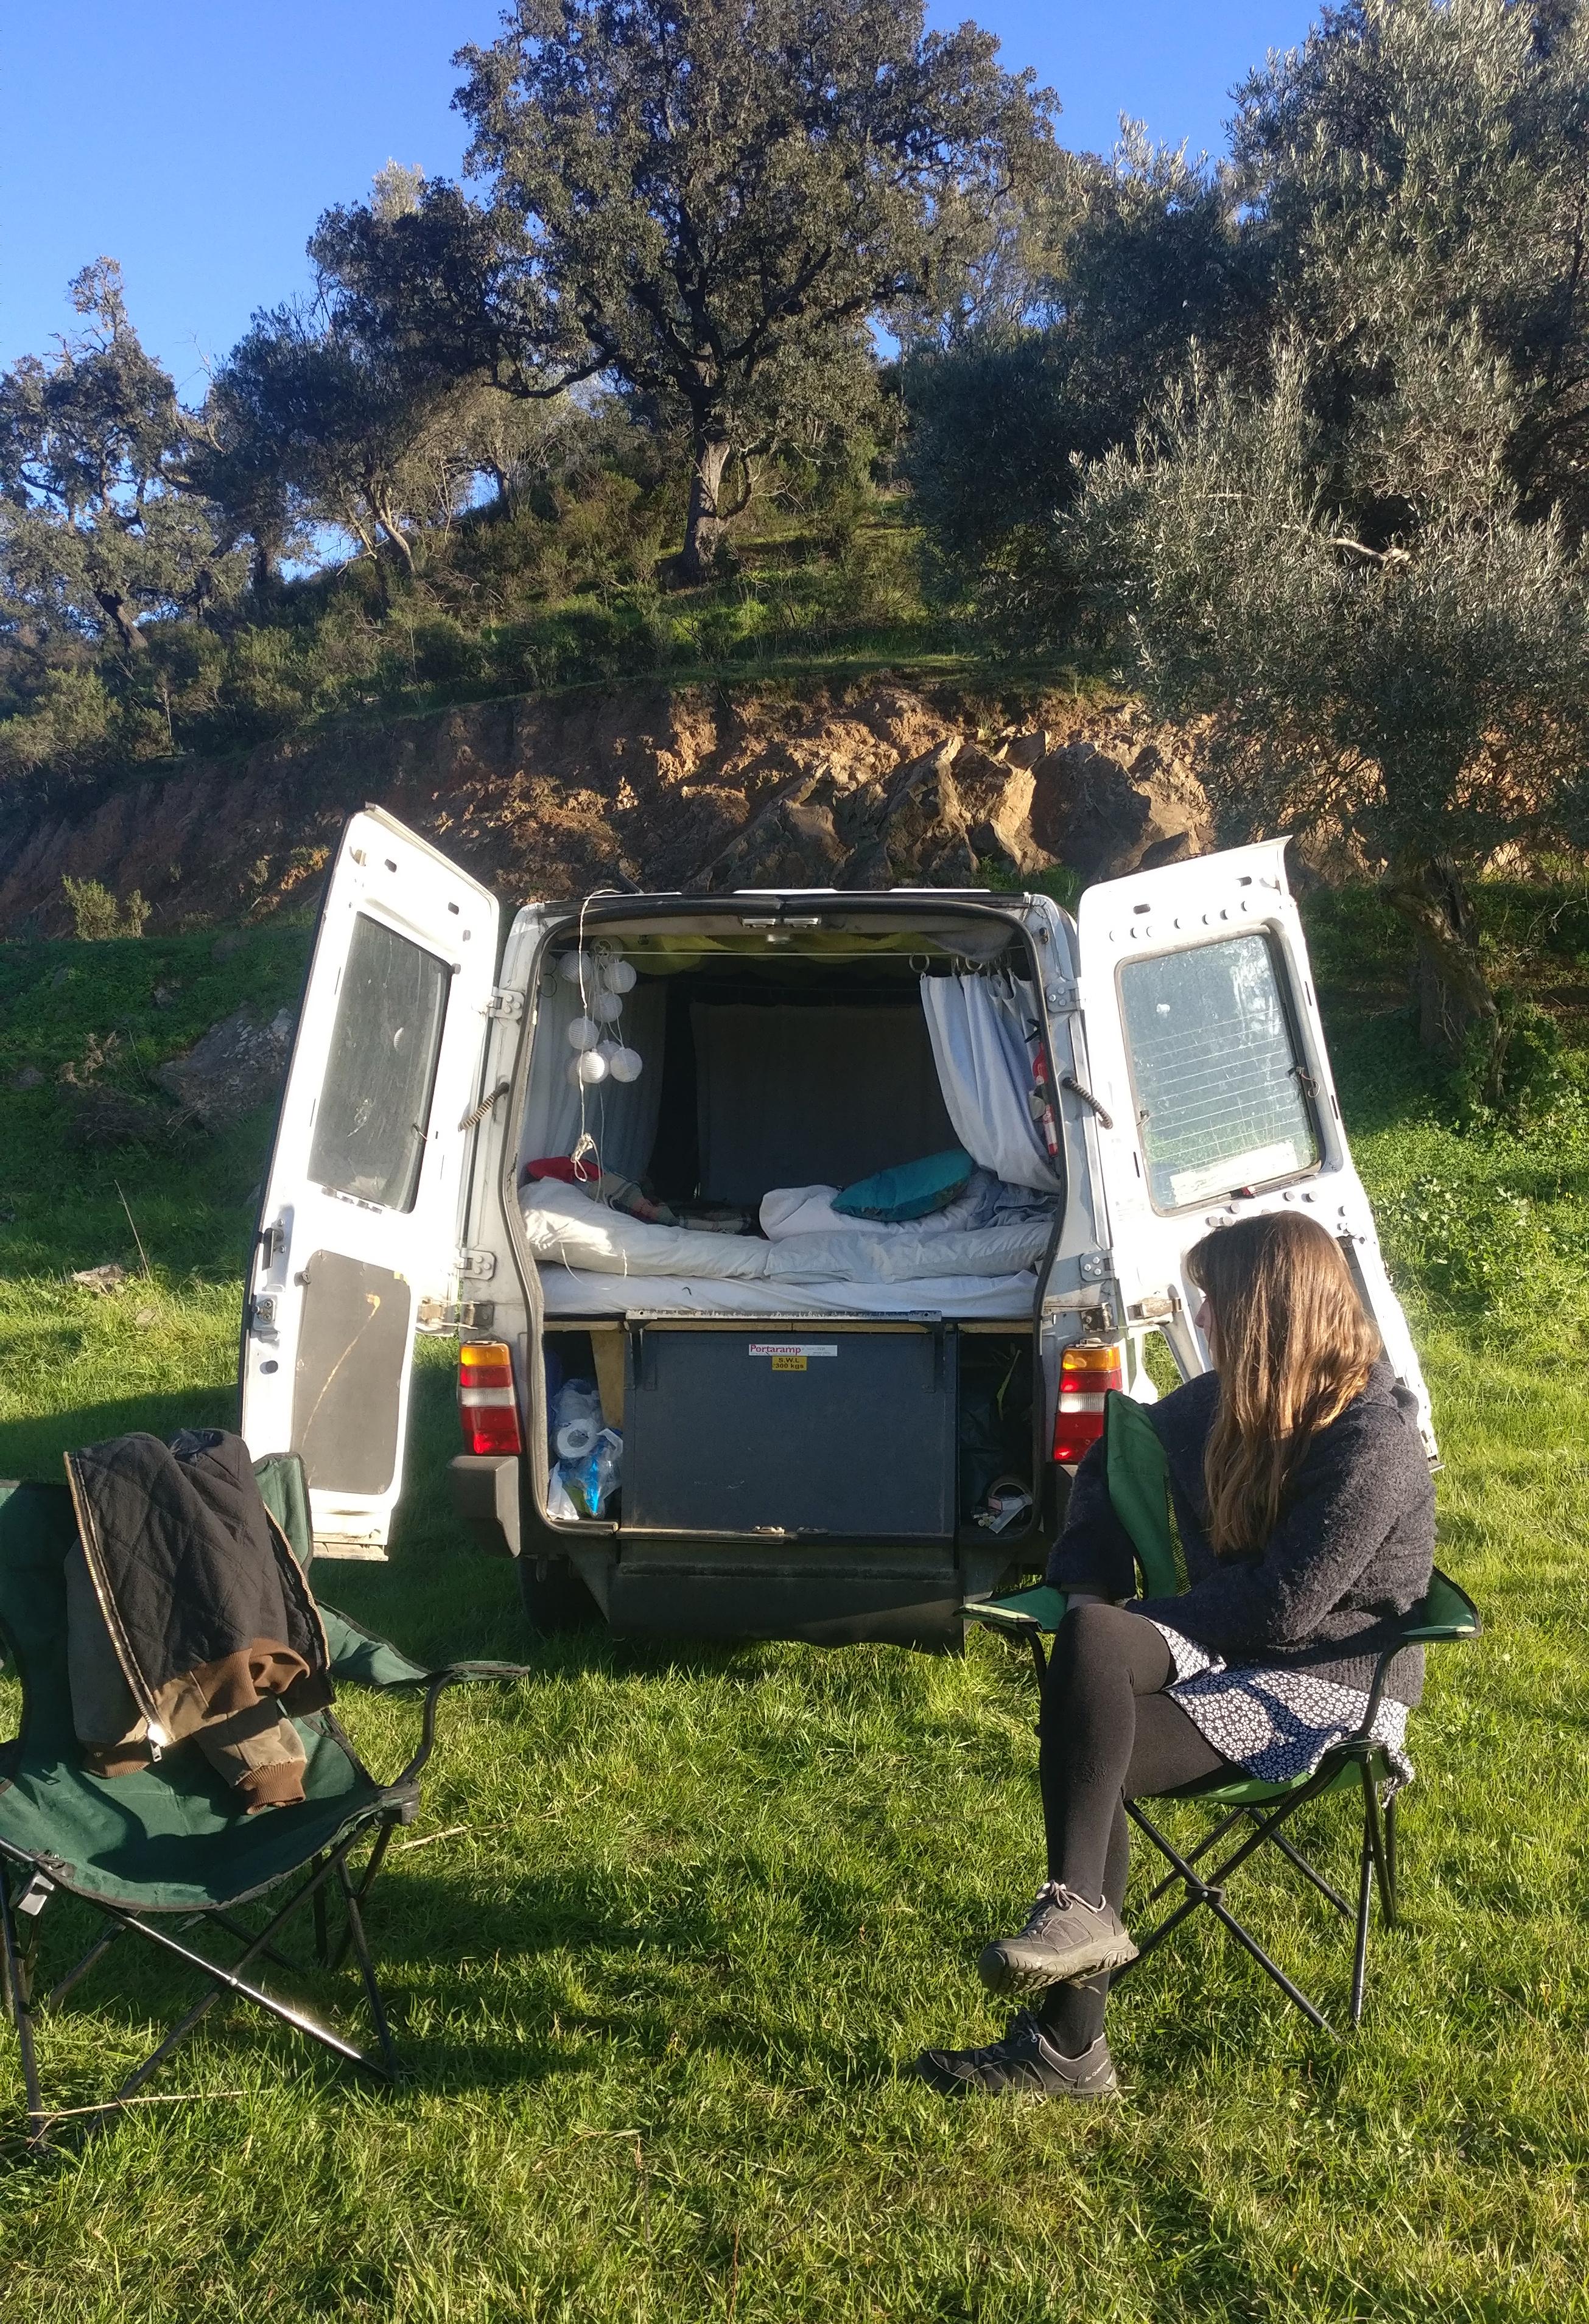 Van Life: What Is It Like to Live in a Van?